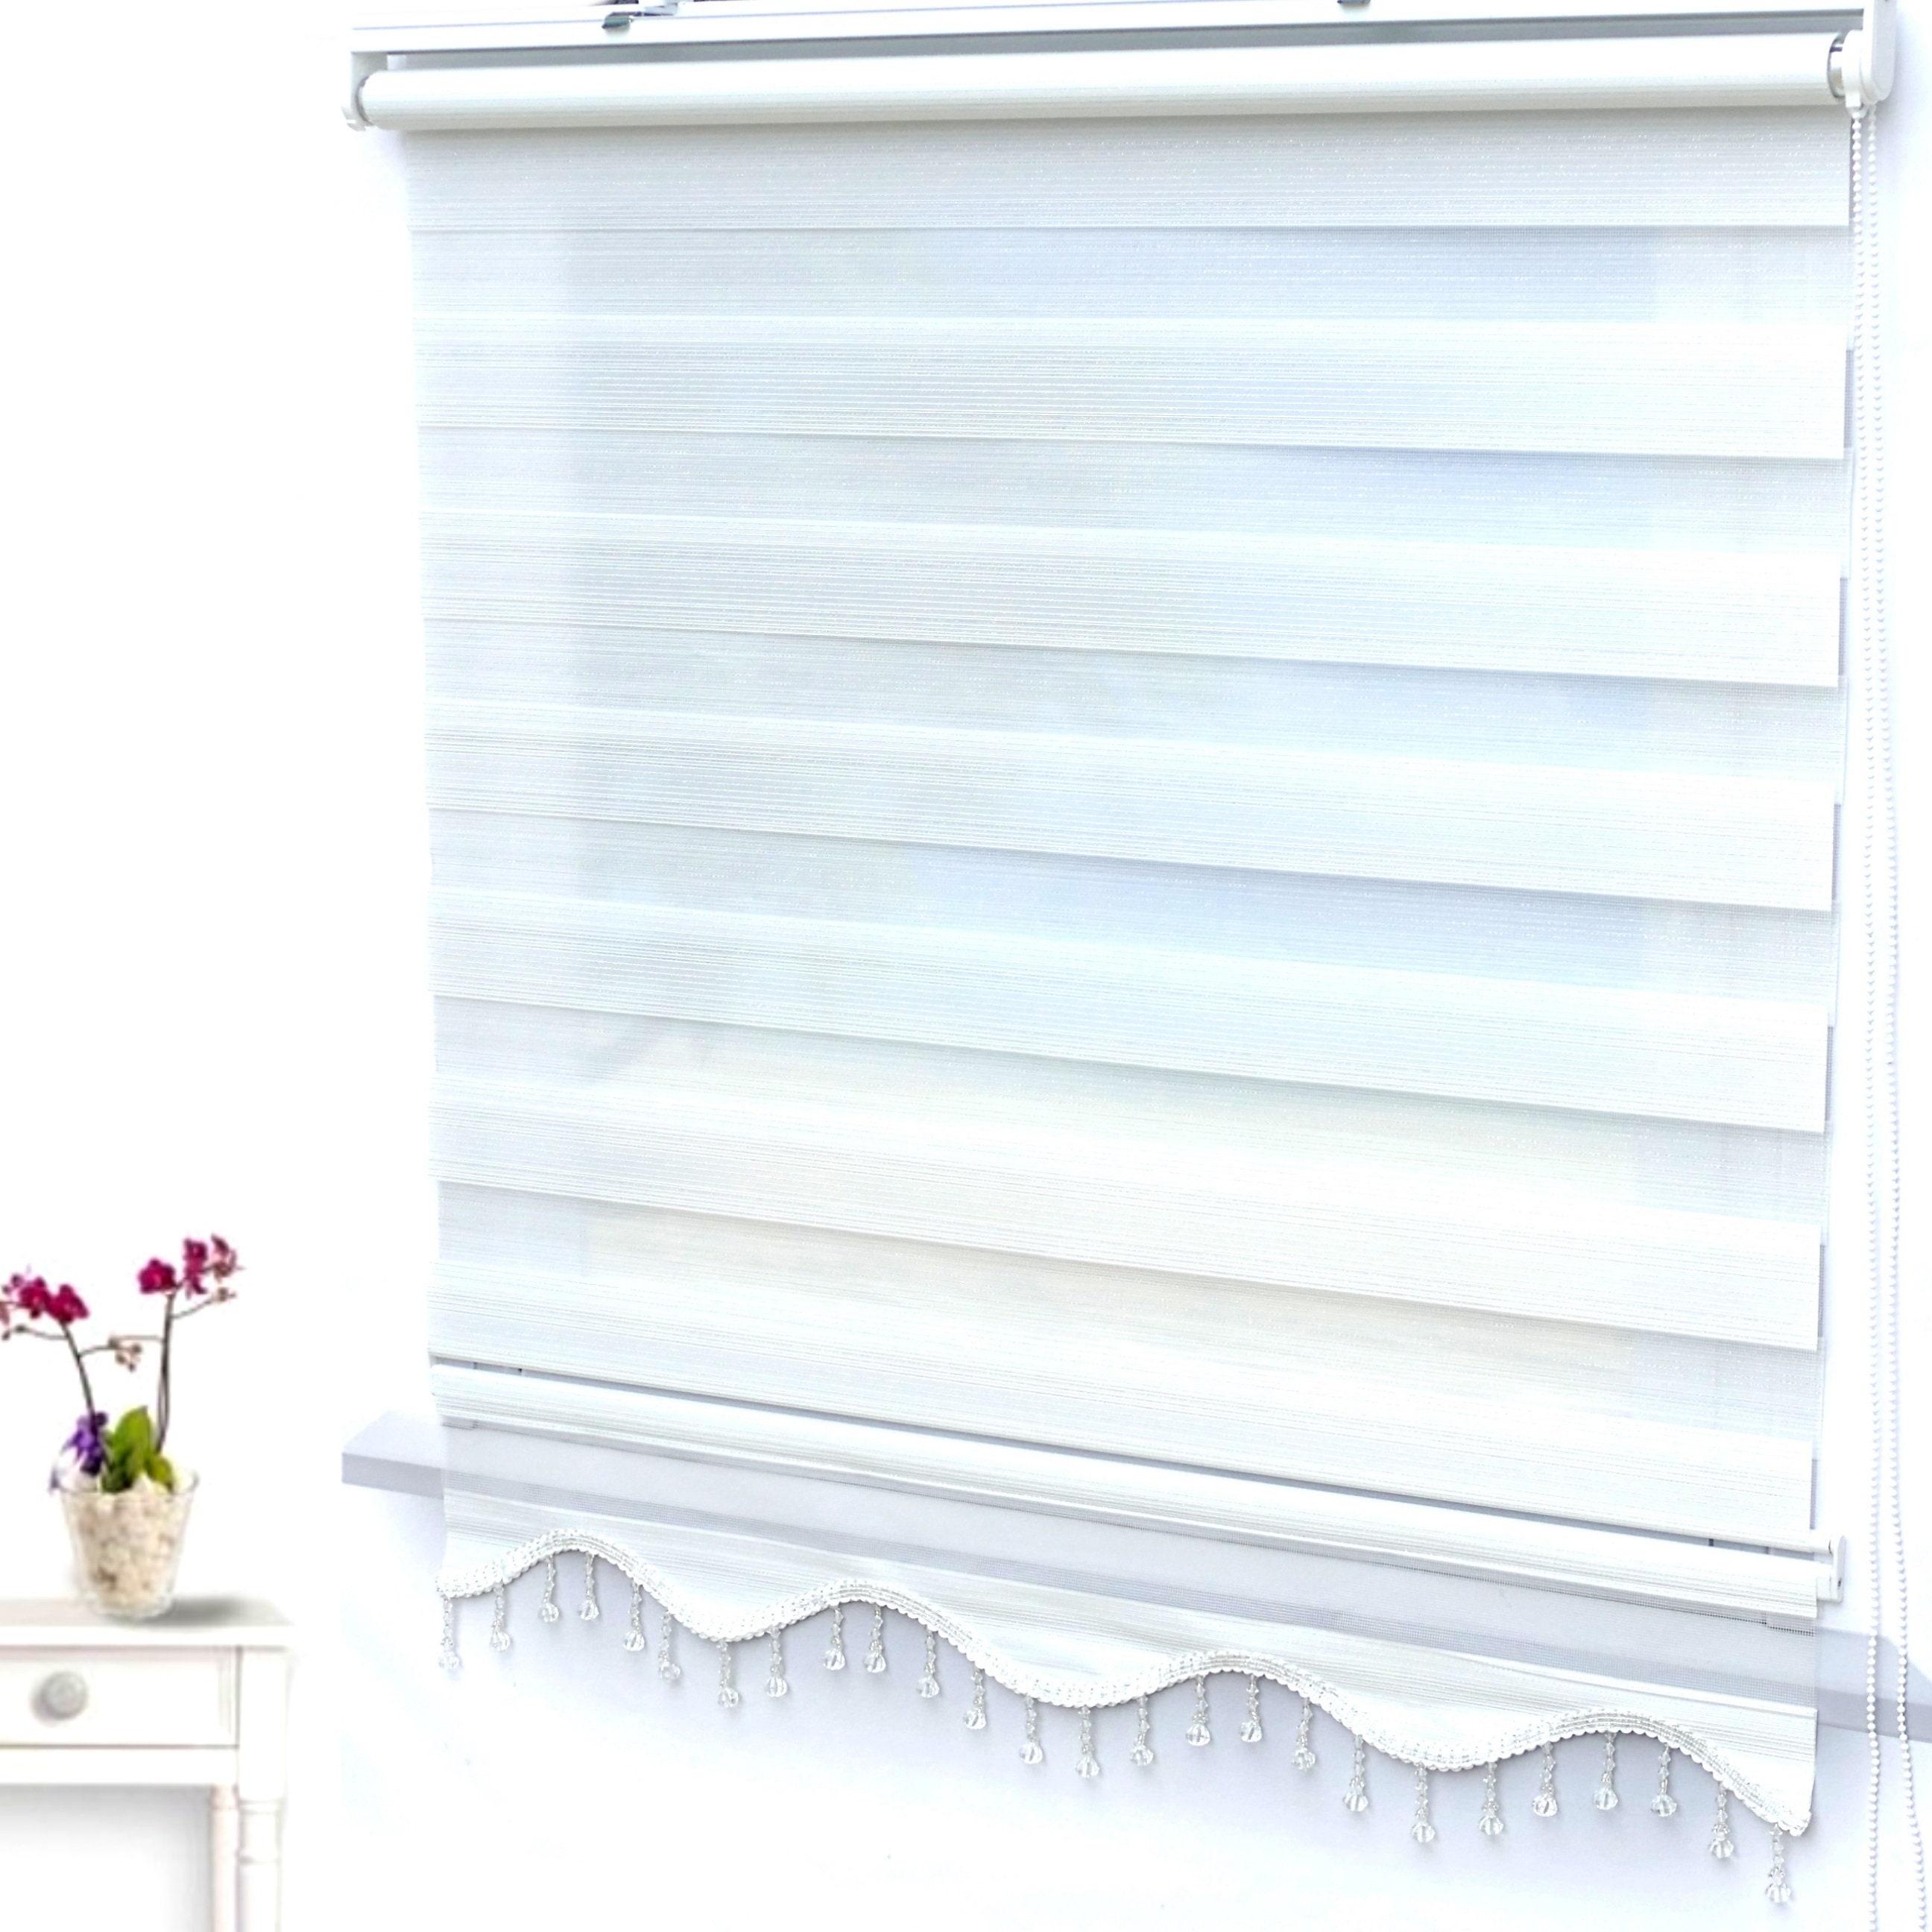 erstaunlicher Preis herausragende Eigenschaften tolle sorten Double Roller Duorollo Zebra Rollo Window Blind Curtains ...